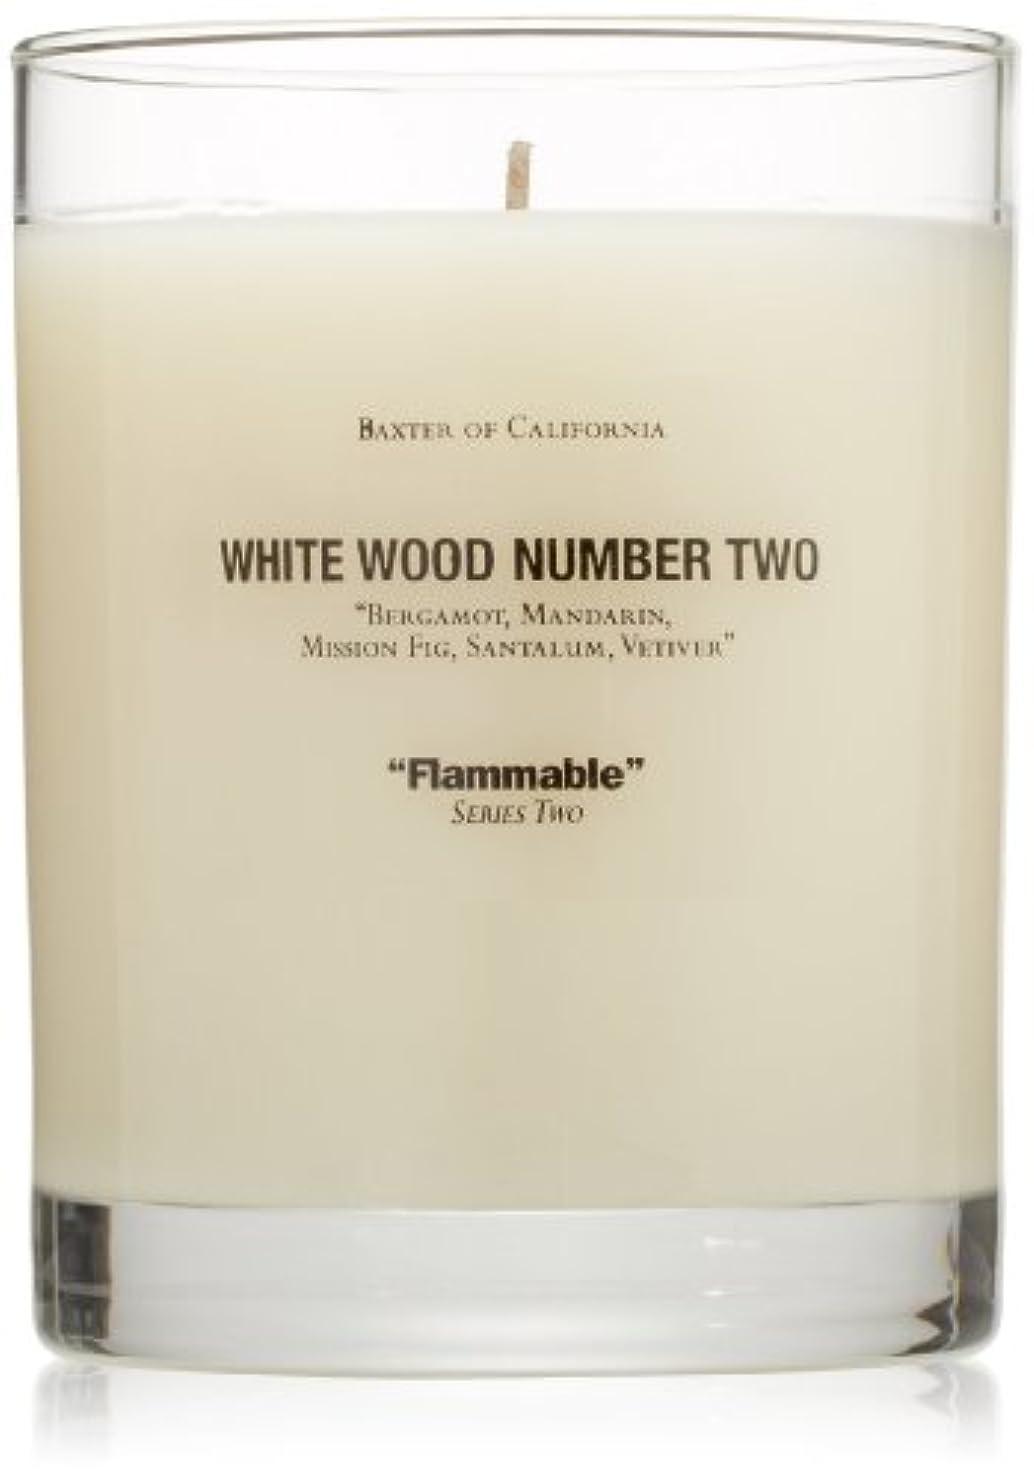 資産暴君凶暴なBaxter OF CALIFORNIA(バクスター オブ カリフォルニア) ホワイトウッドキャンドルtwo 255g